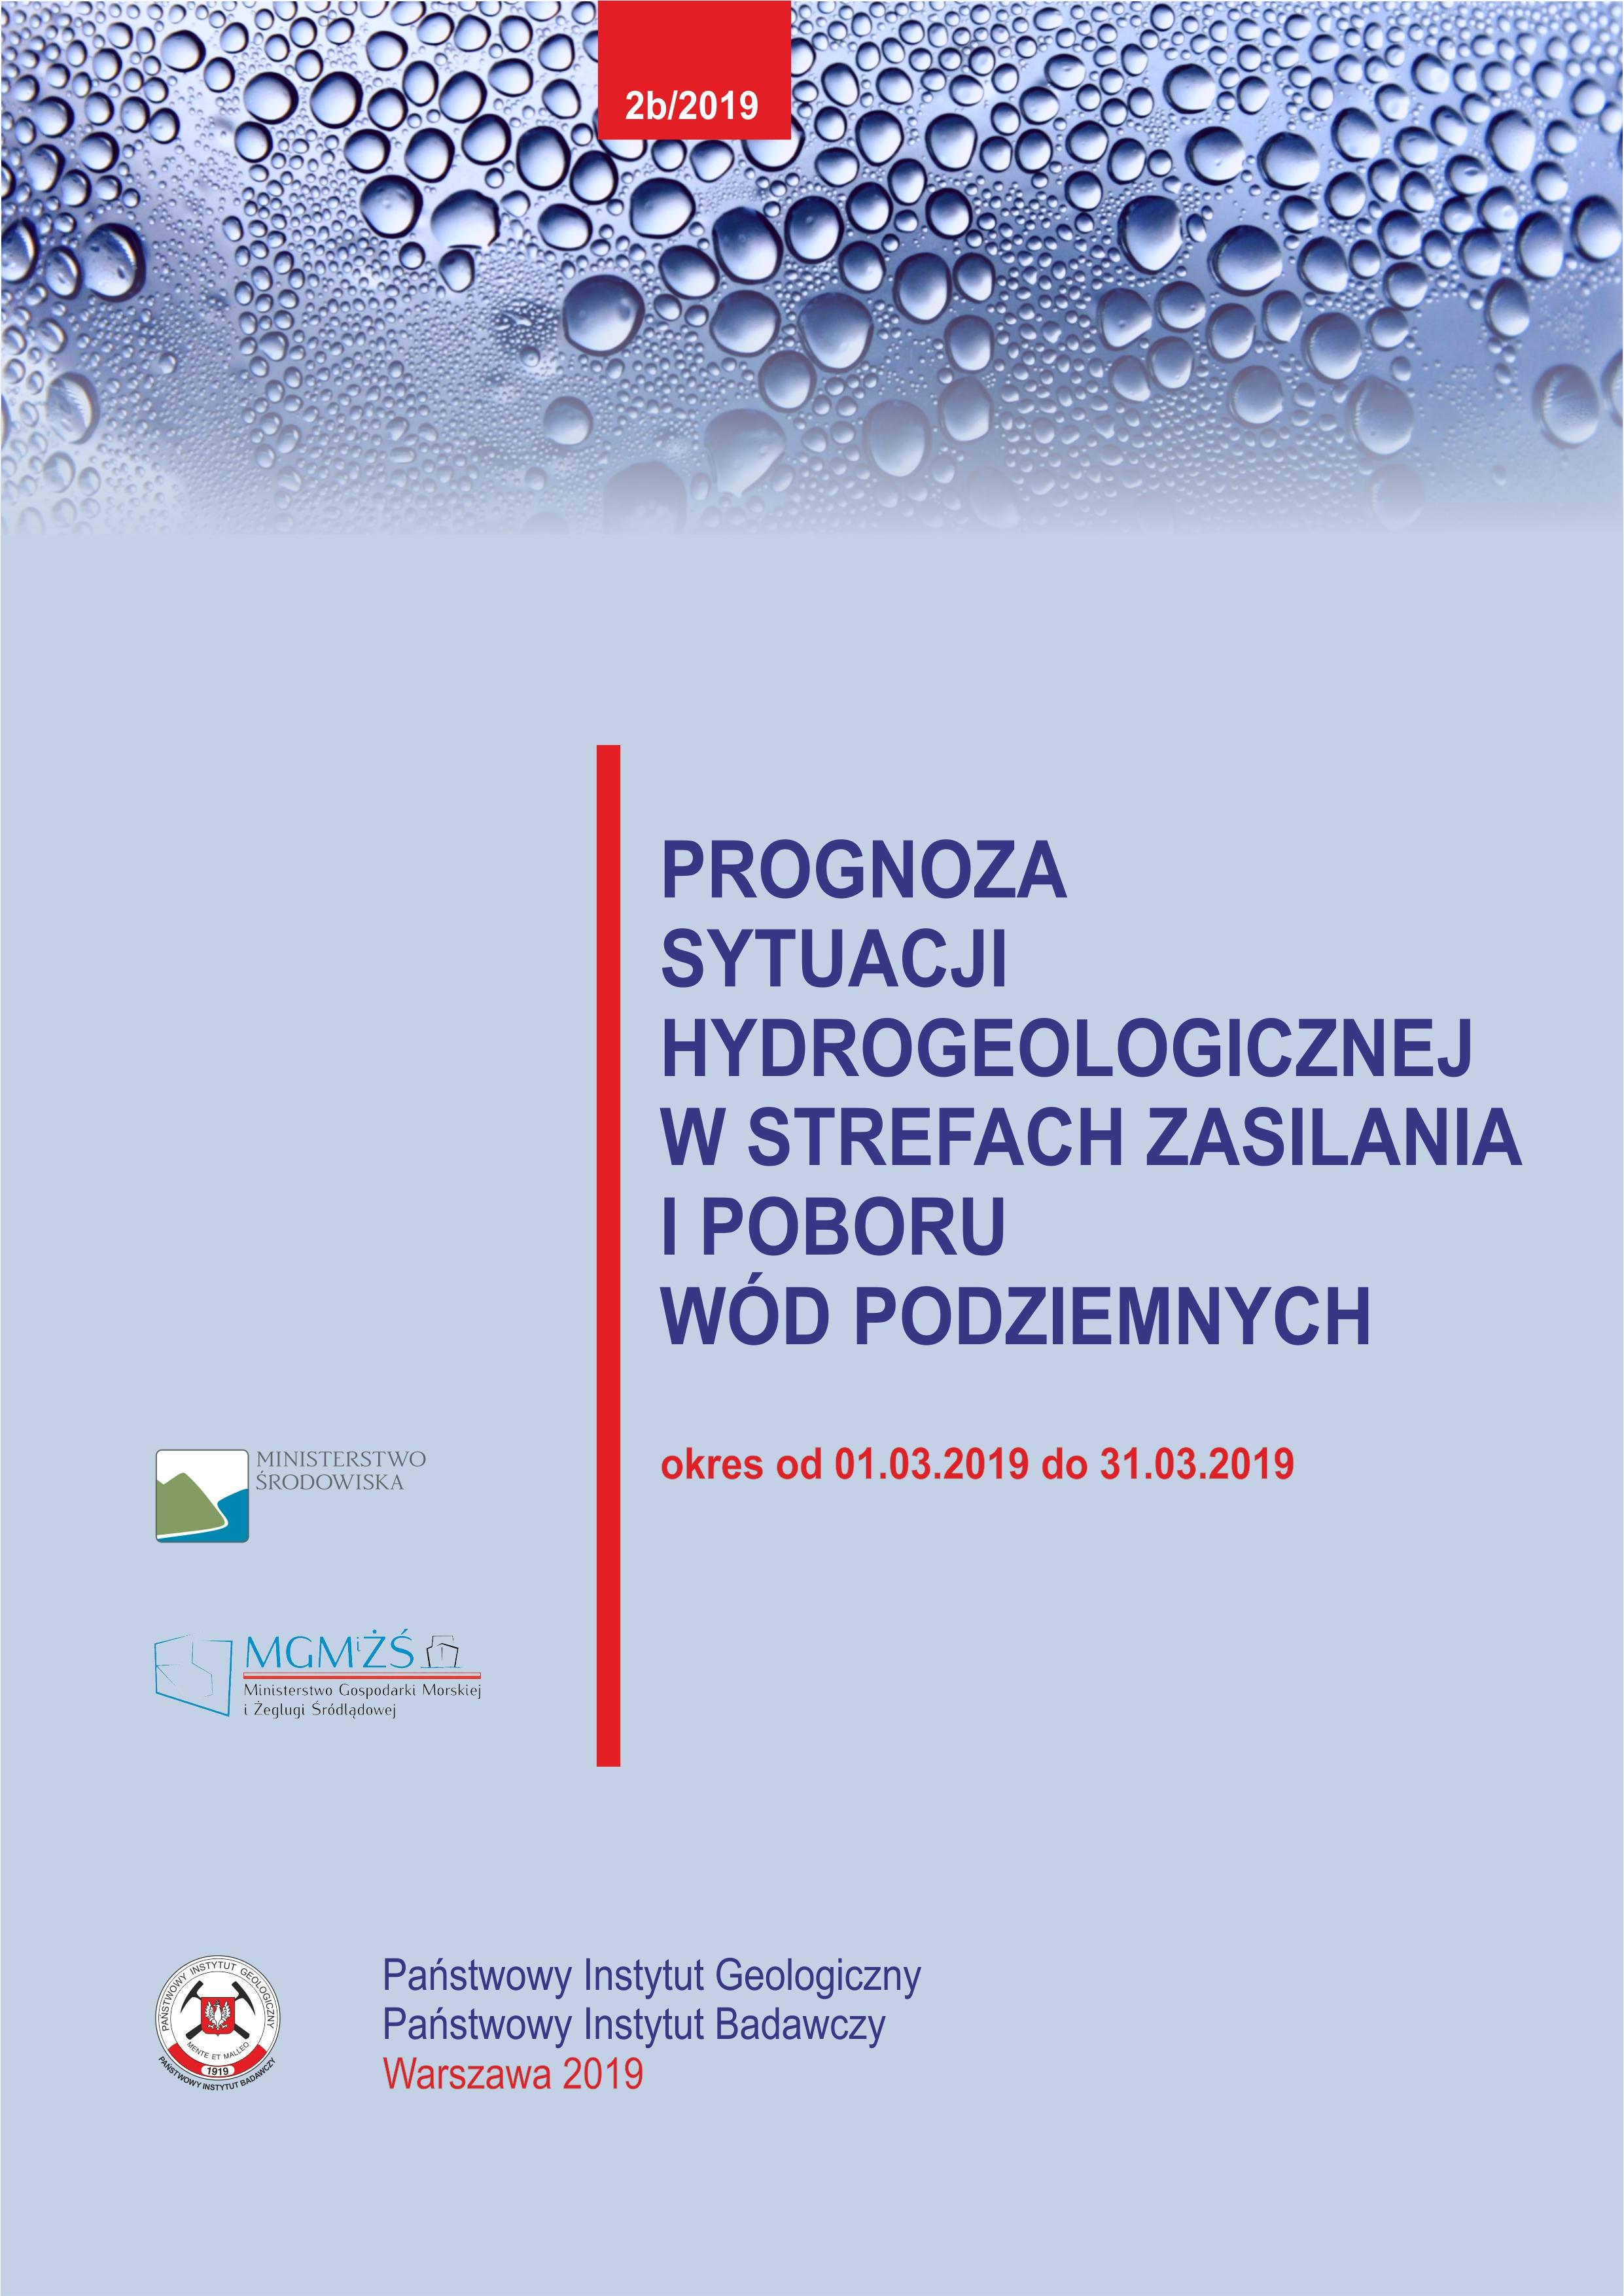 Prognoza sytuacji hydrogeologicznej w strefach zasilania i poboru wód podziemnych 01.03.2019- 31.03.2019